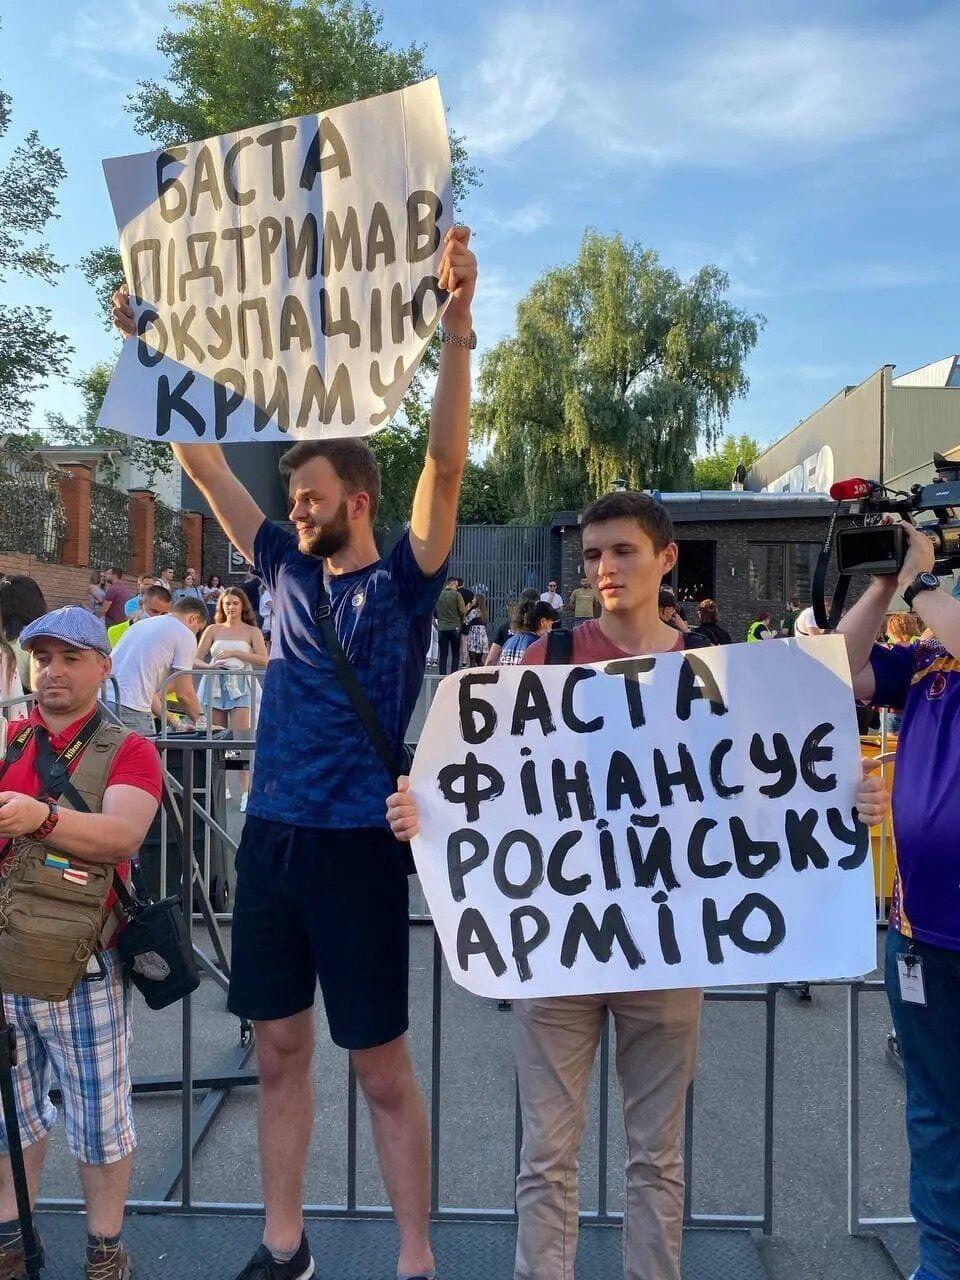 Активісти з плакатами стояли біля входу концерт-холу